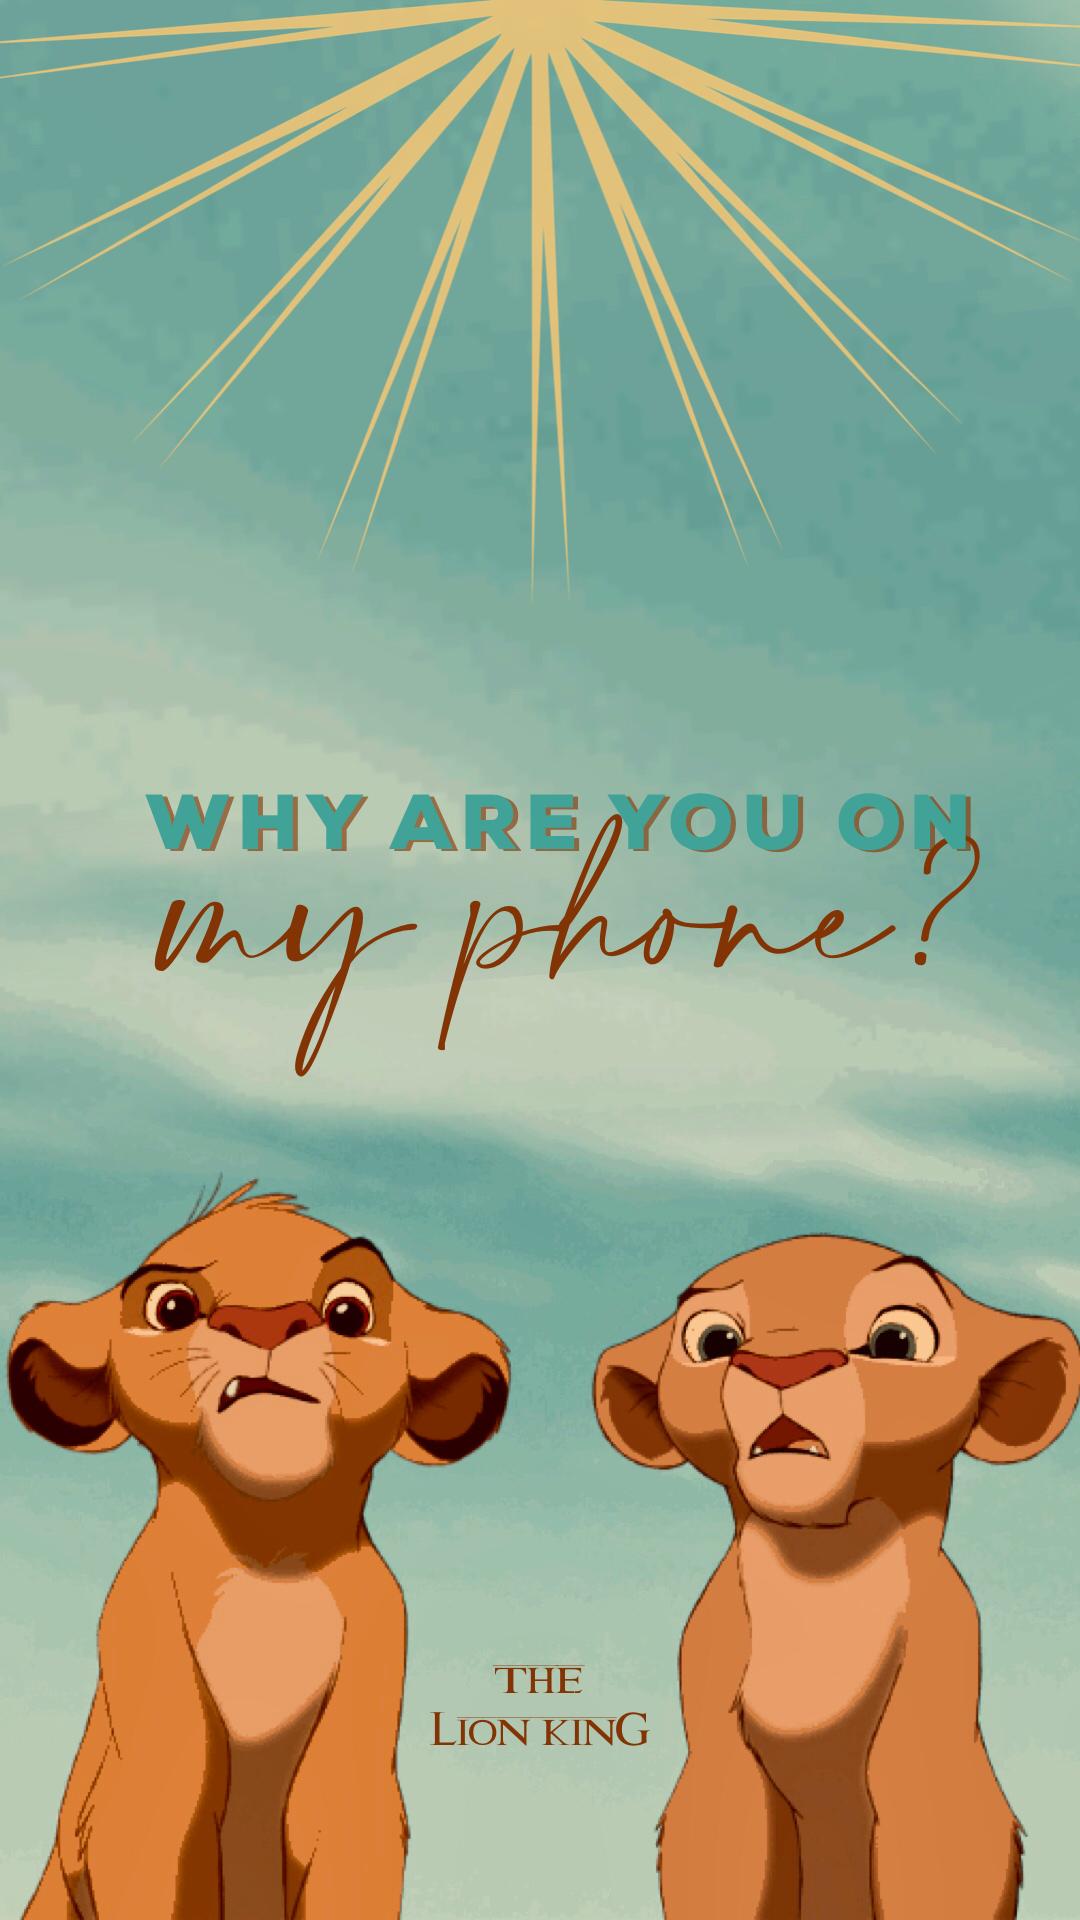 Lion King Wallpaper Cartoon Wallpaper Iphone Funny Phone Wallpaper Cute Disney Wallpaper